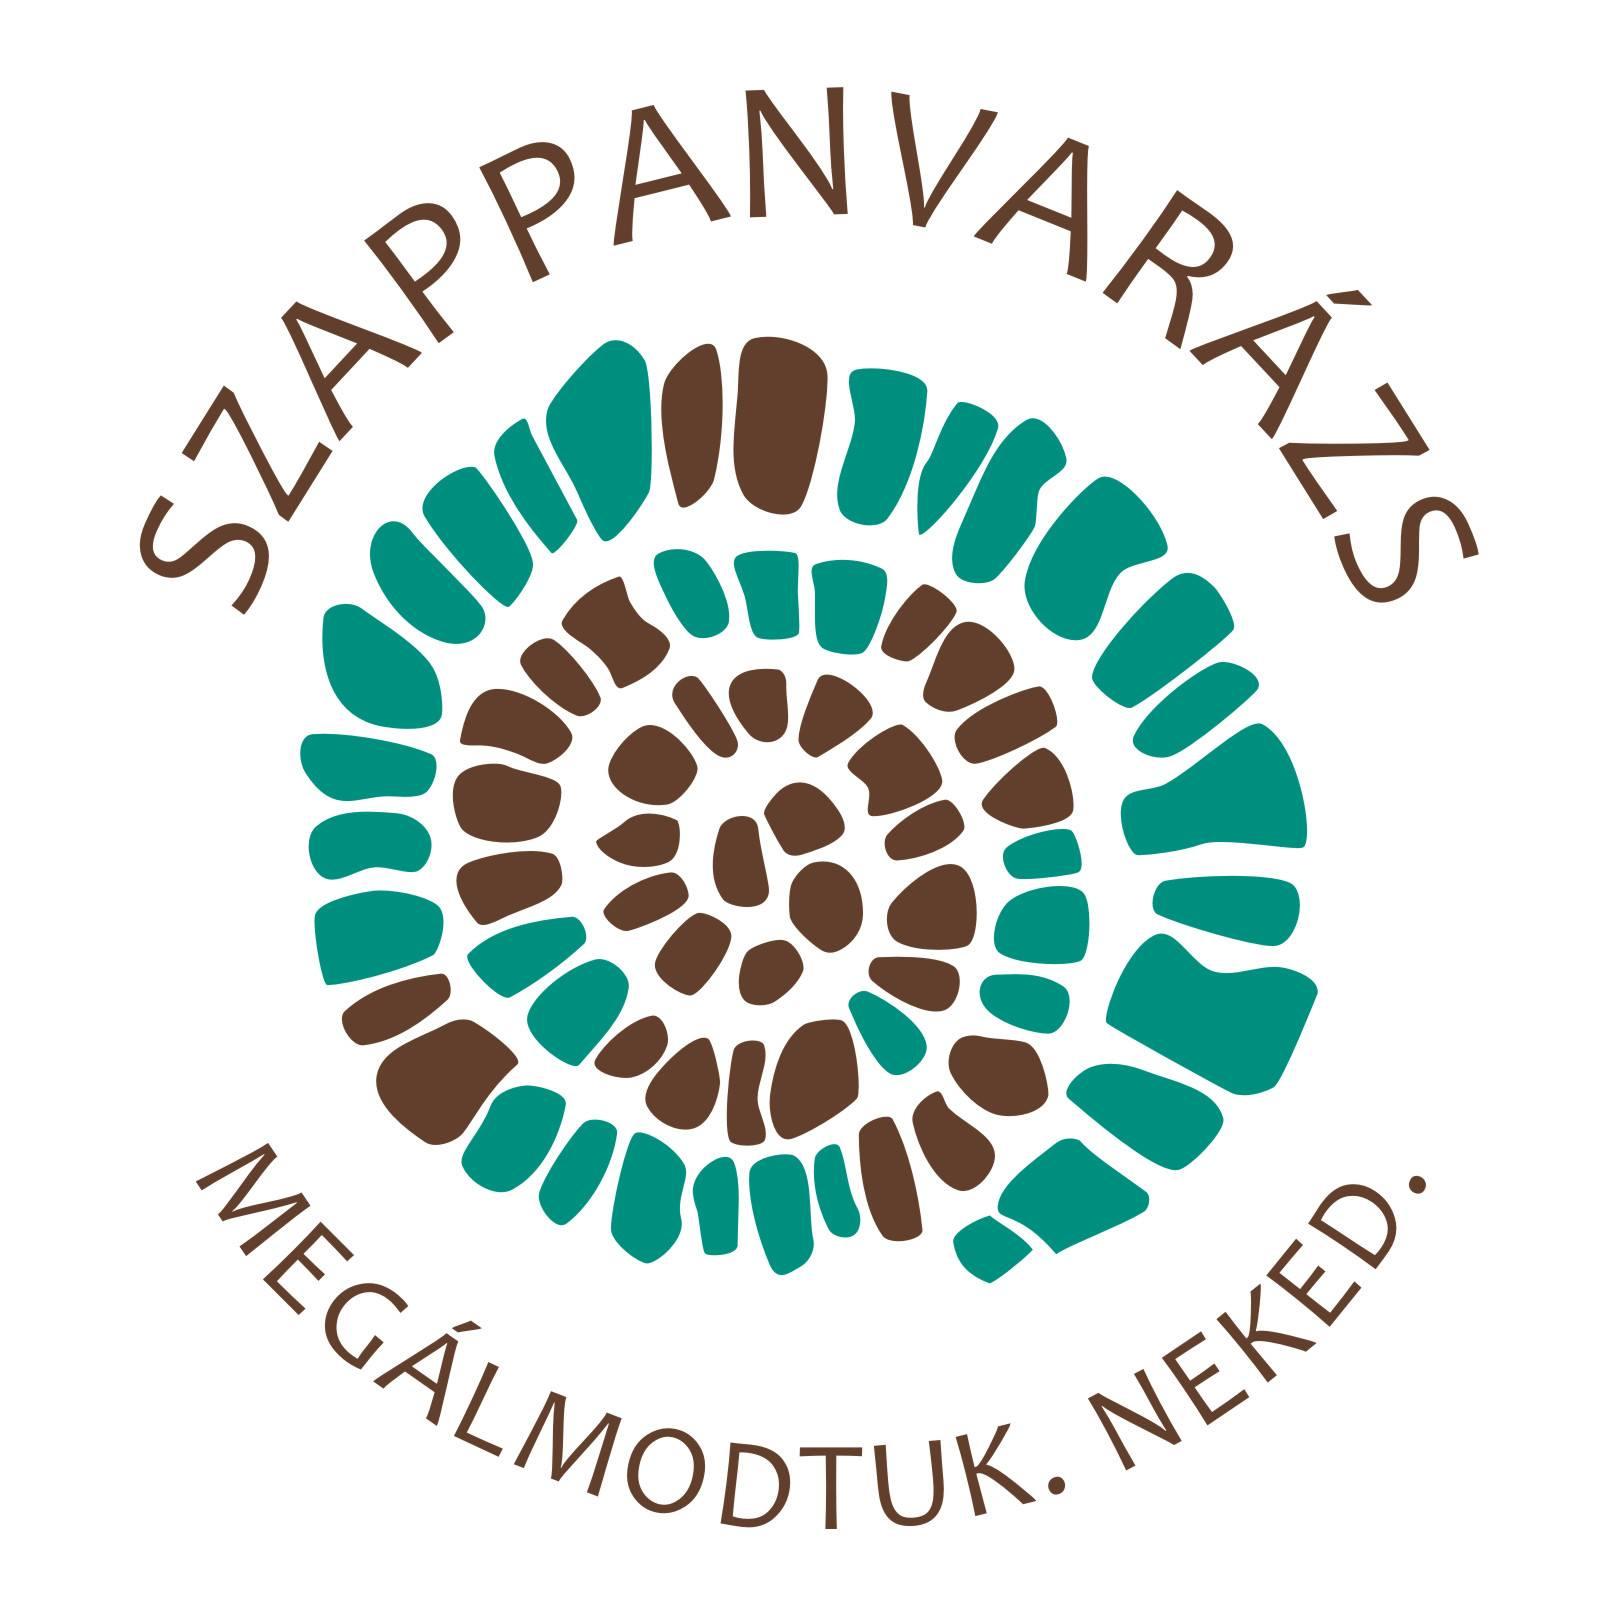 Szappanvarazs logo.jpg